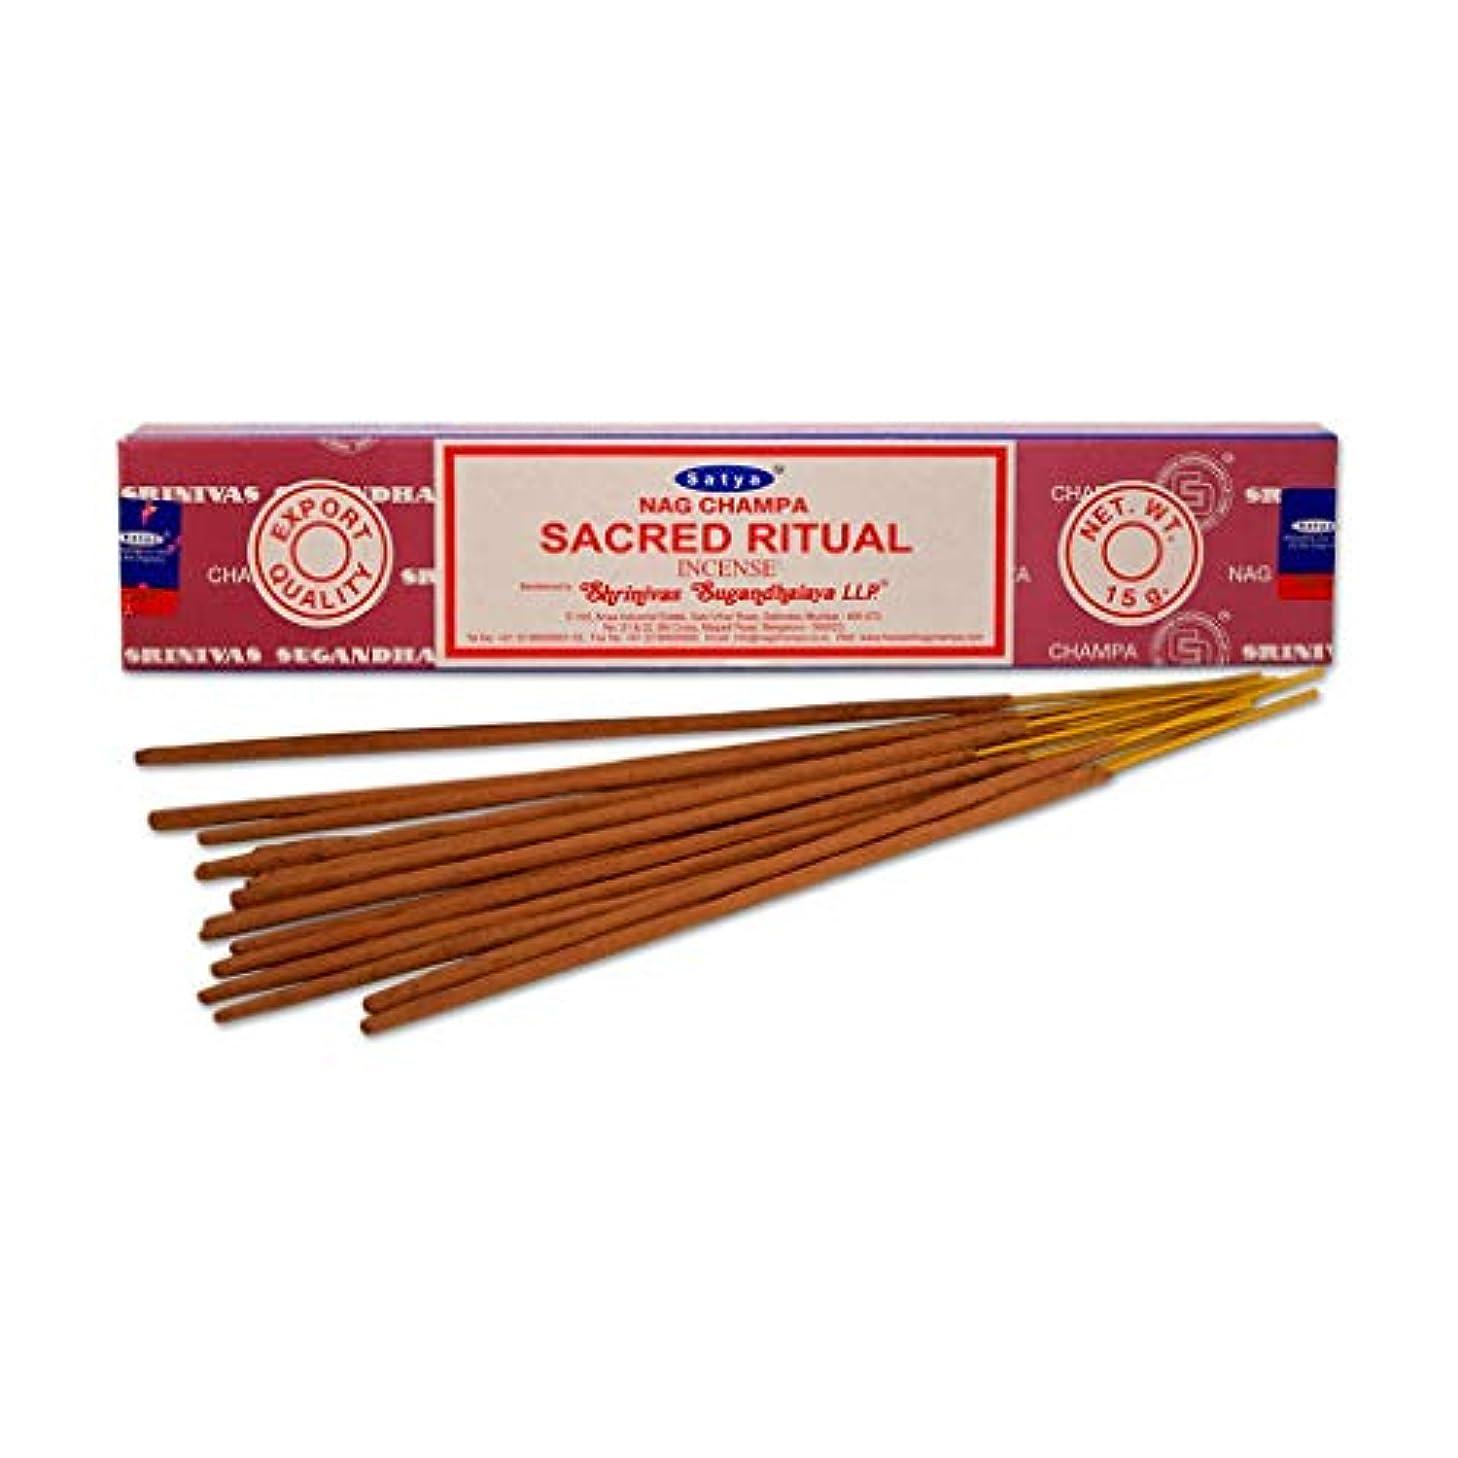 ジャンピングジャックメガロポリスケーキSatya Nag Champa Sacred Ritual お香スティック Agarbatti 180グラムボックス | 15グラム入り12パック 箱入り | 輸出品質